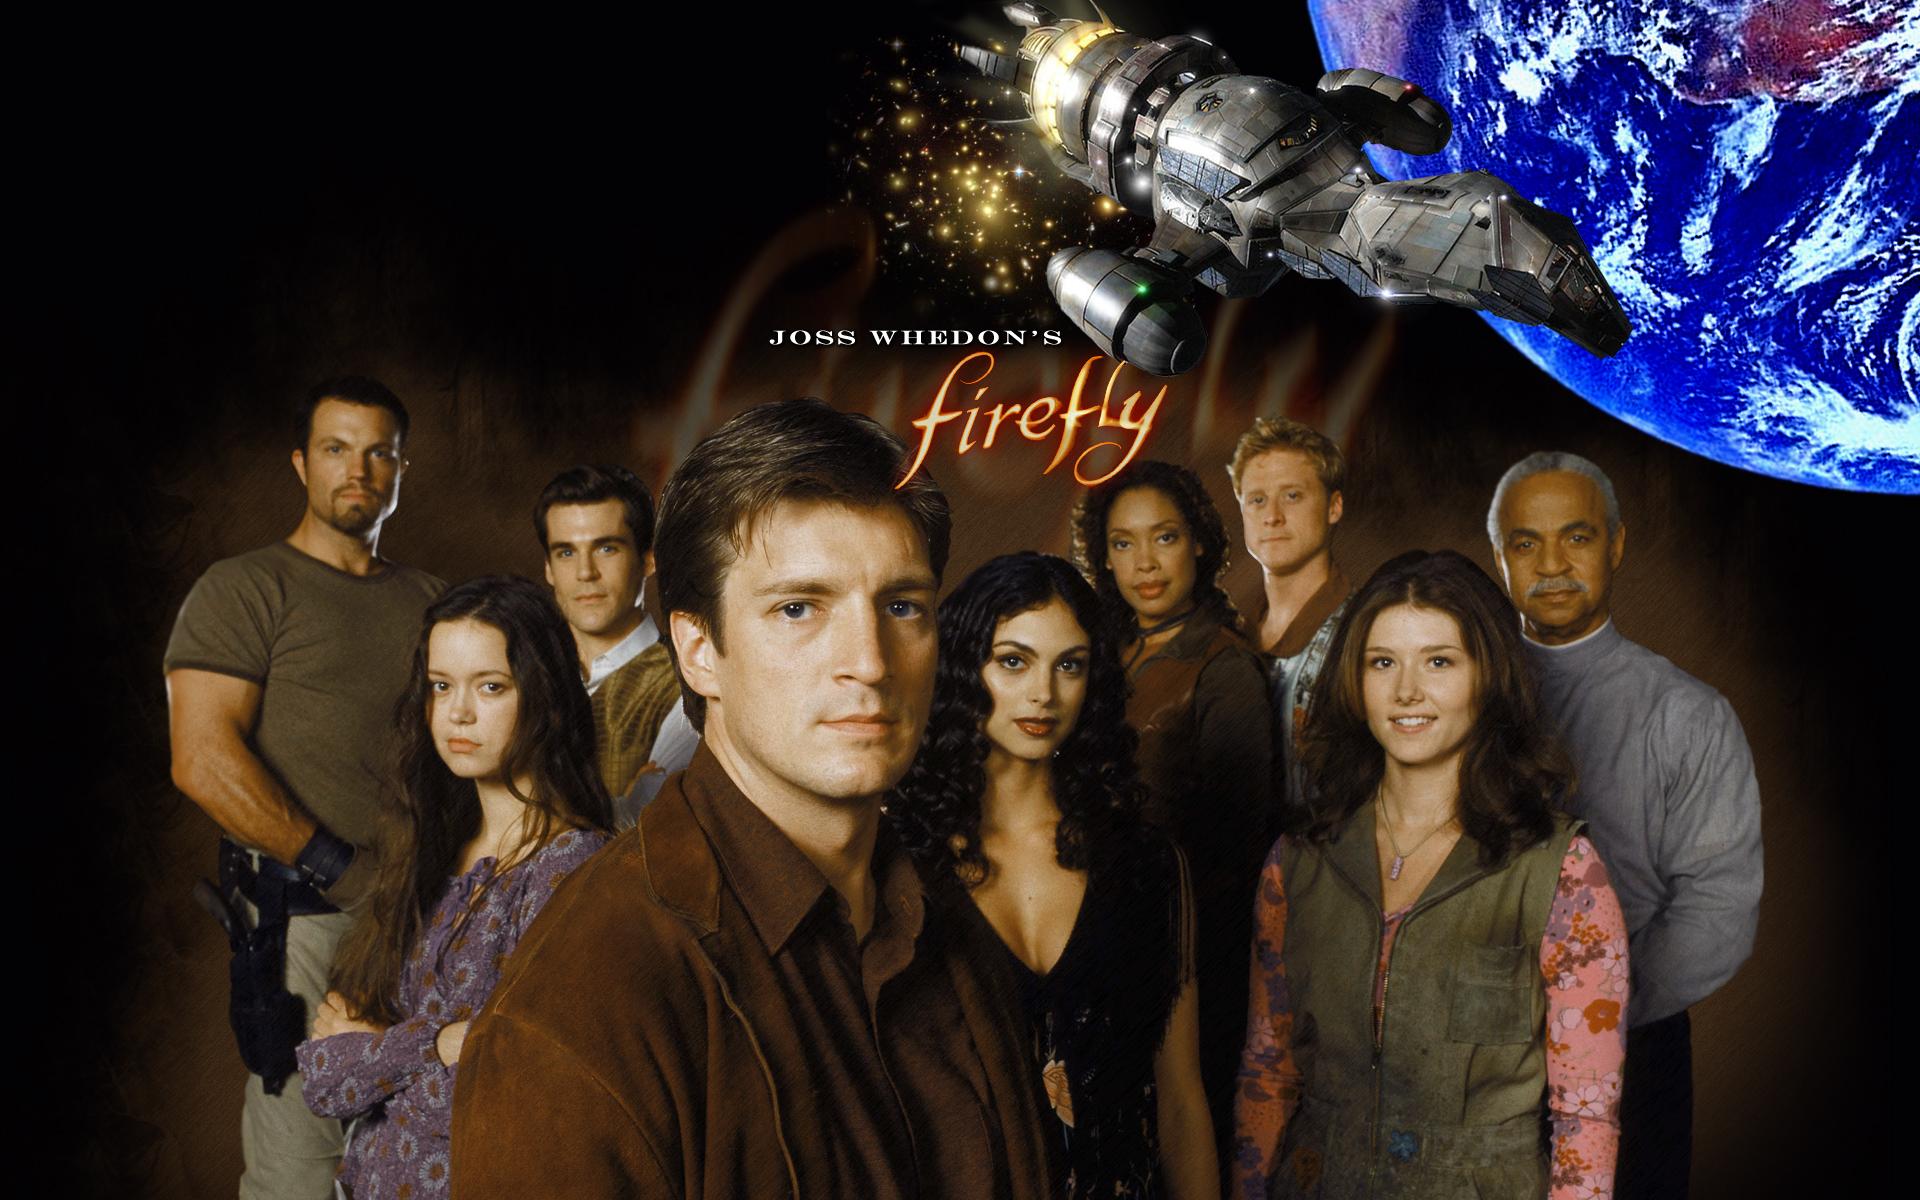 https://cinemaplanet.pt/wp-content/uploads/2017/02/firefly-cast.jpg